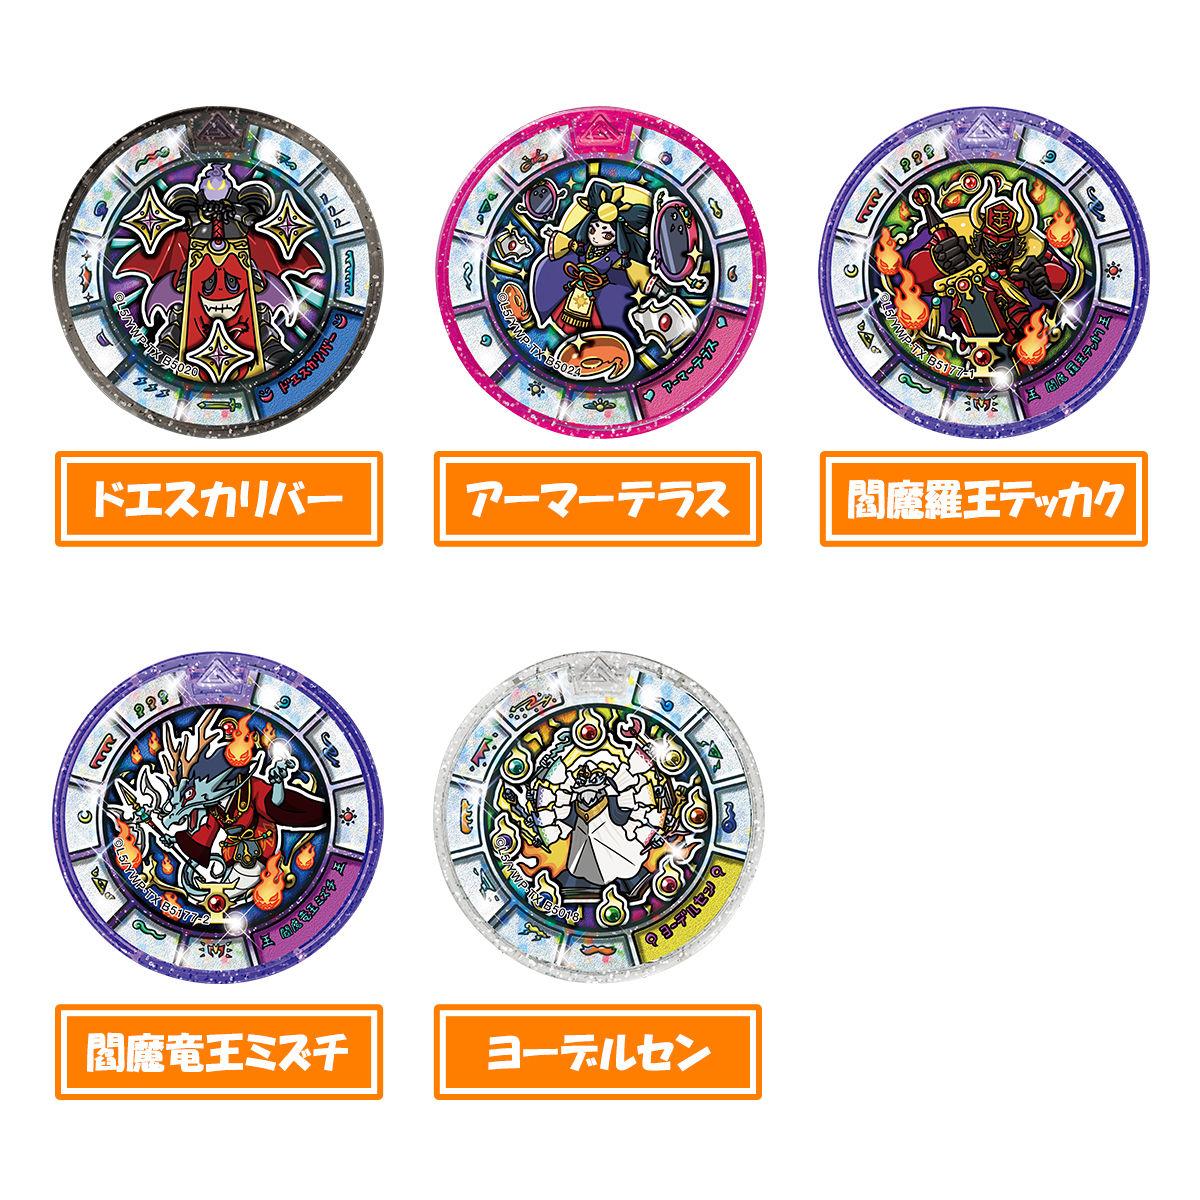 妖怪メダルトレジャー05 復活!大秘宝妖怪と歴戦のエンマたち!